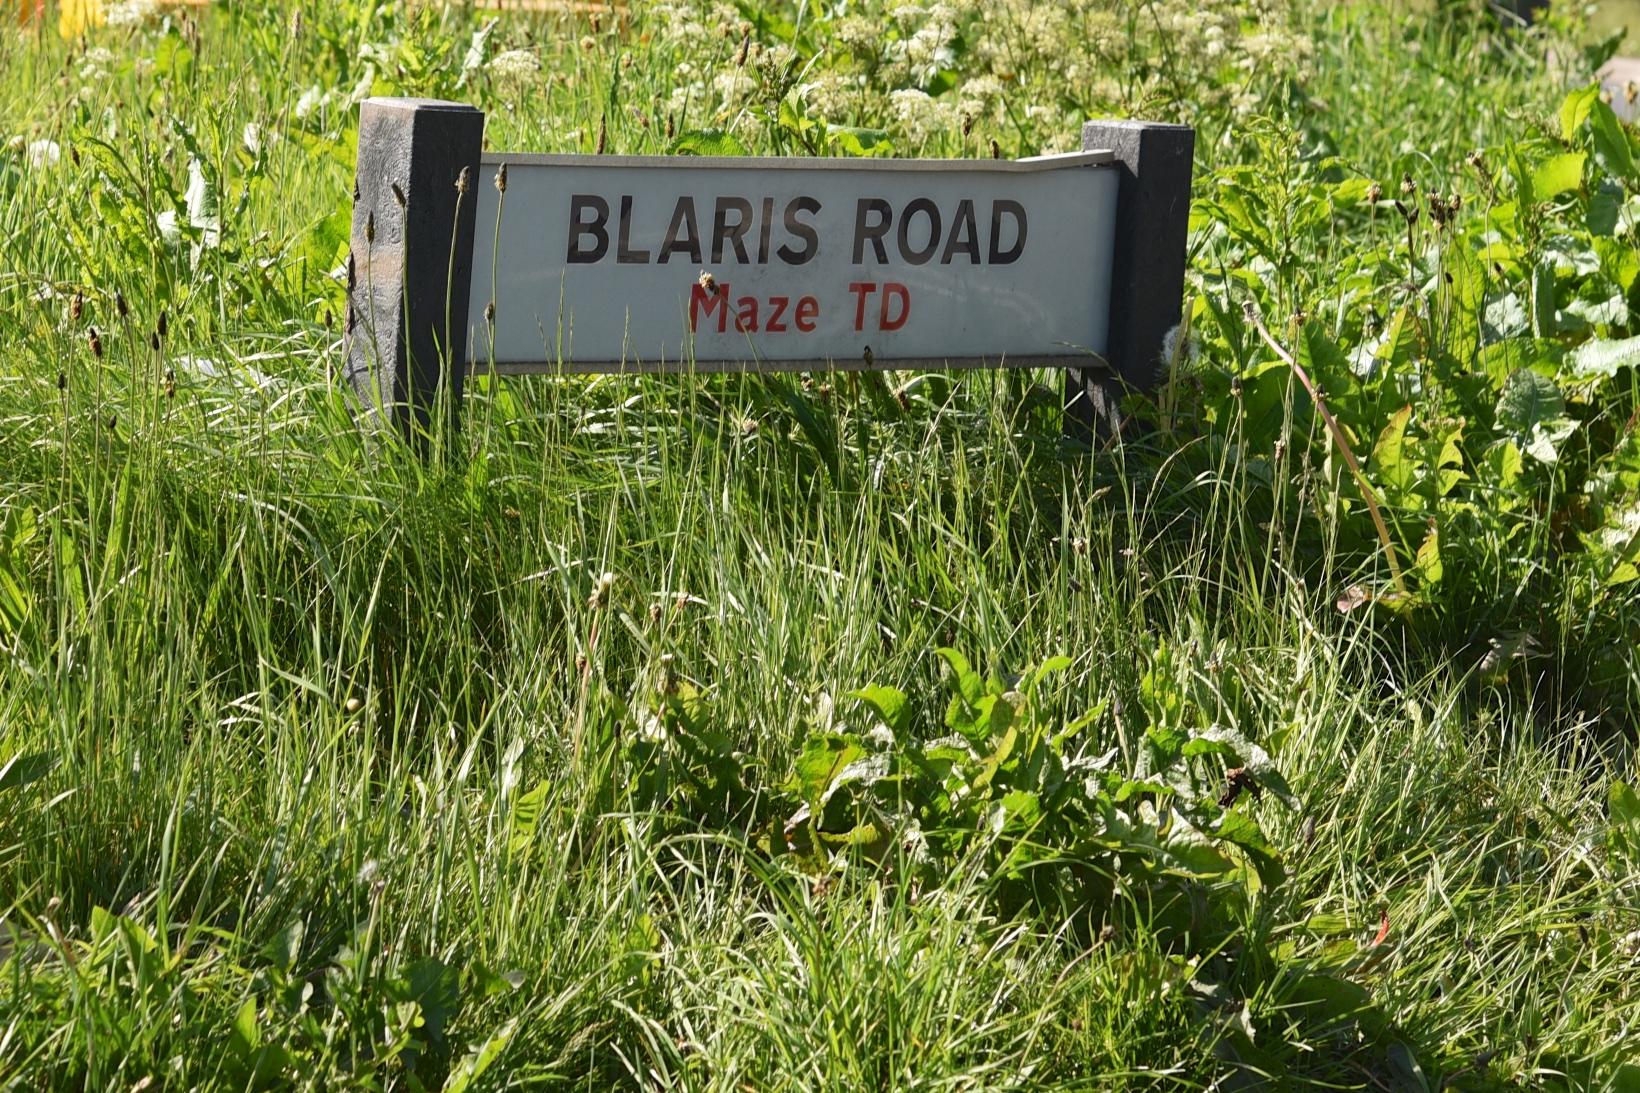 Blaris